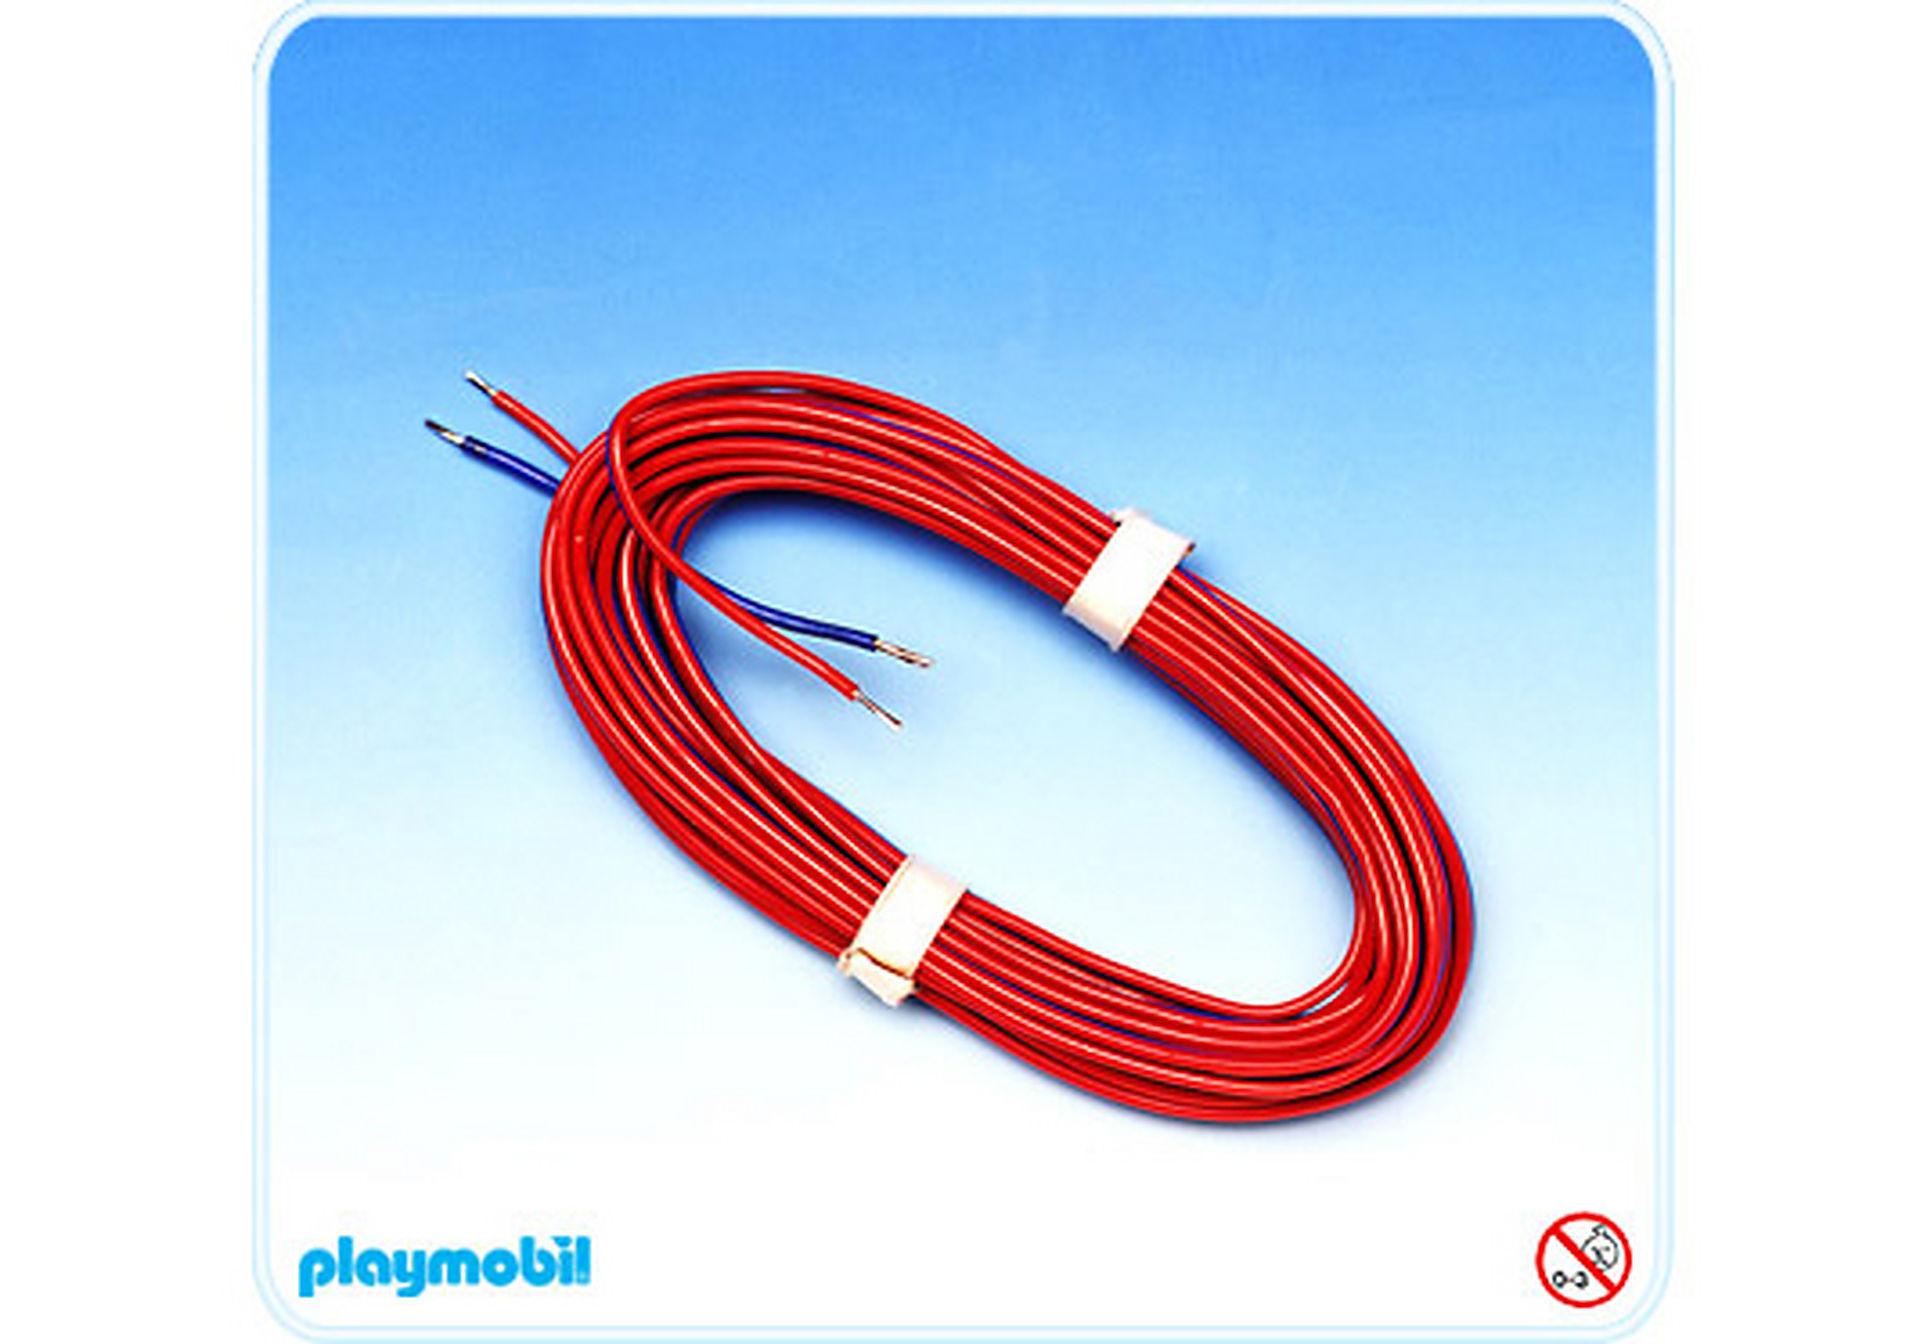 4363-A 5 m Kabel für Nr. 4358 zoom image1